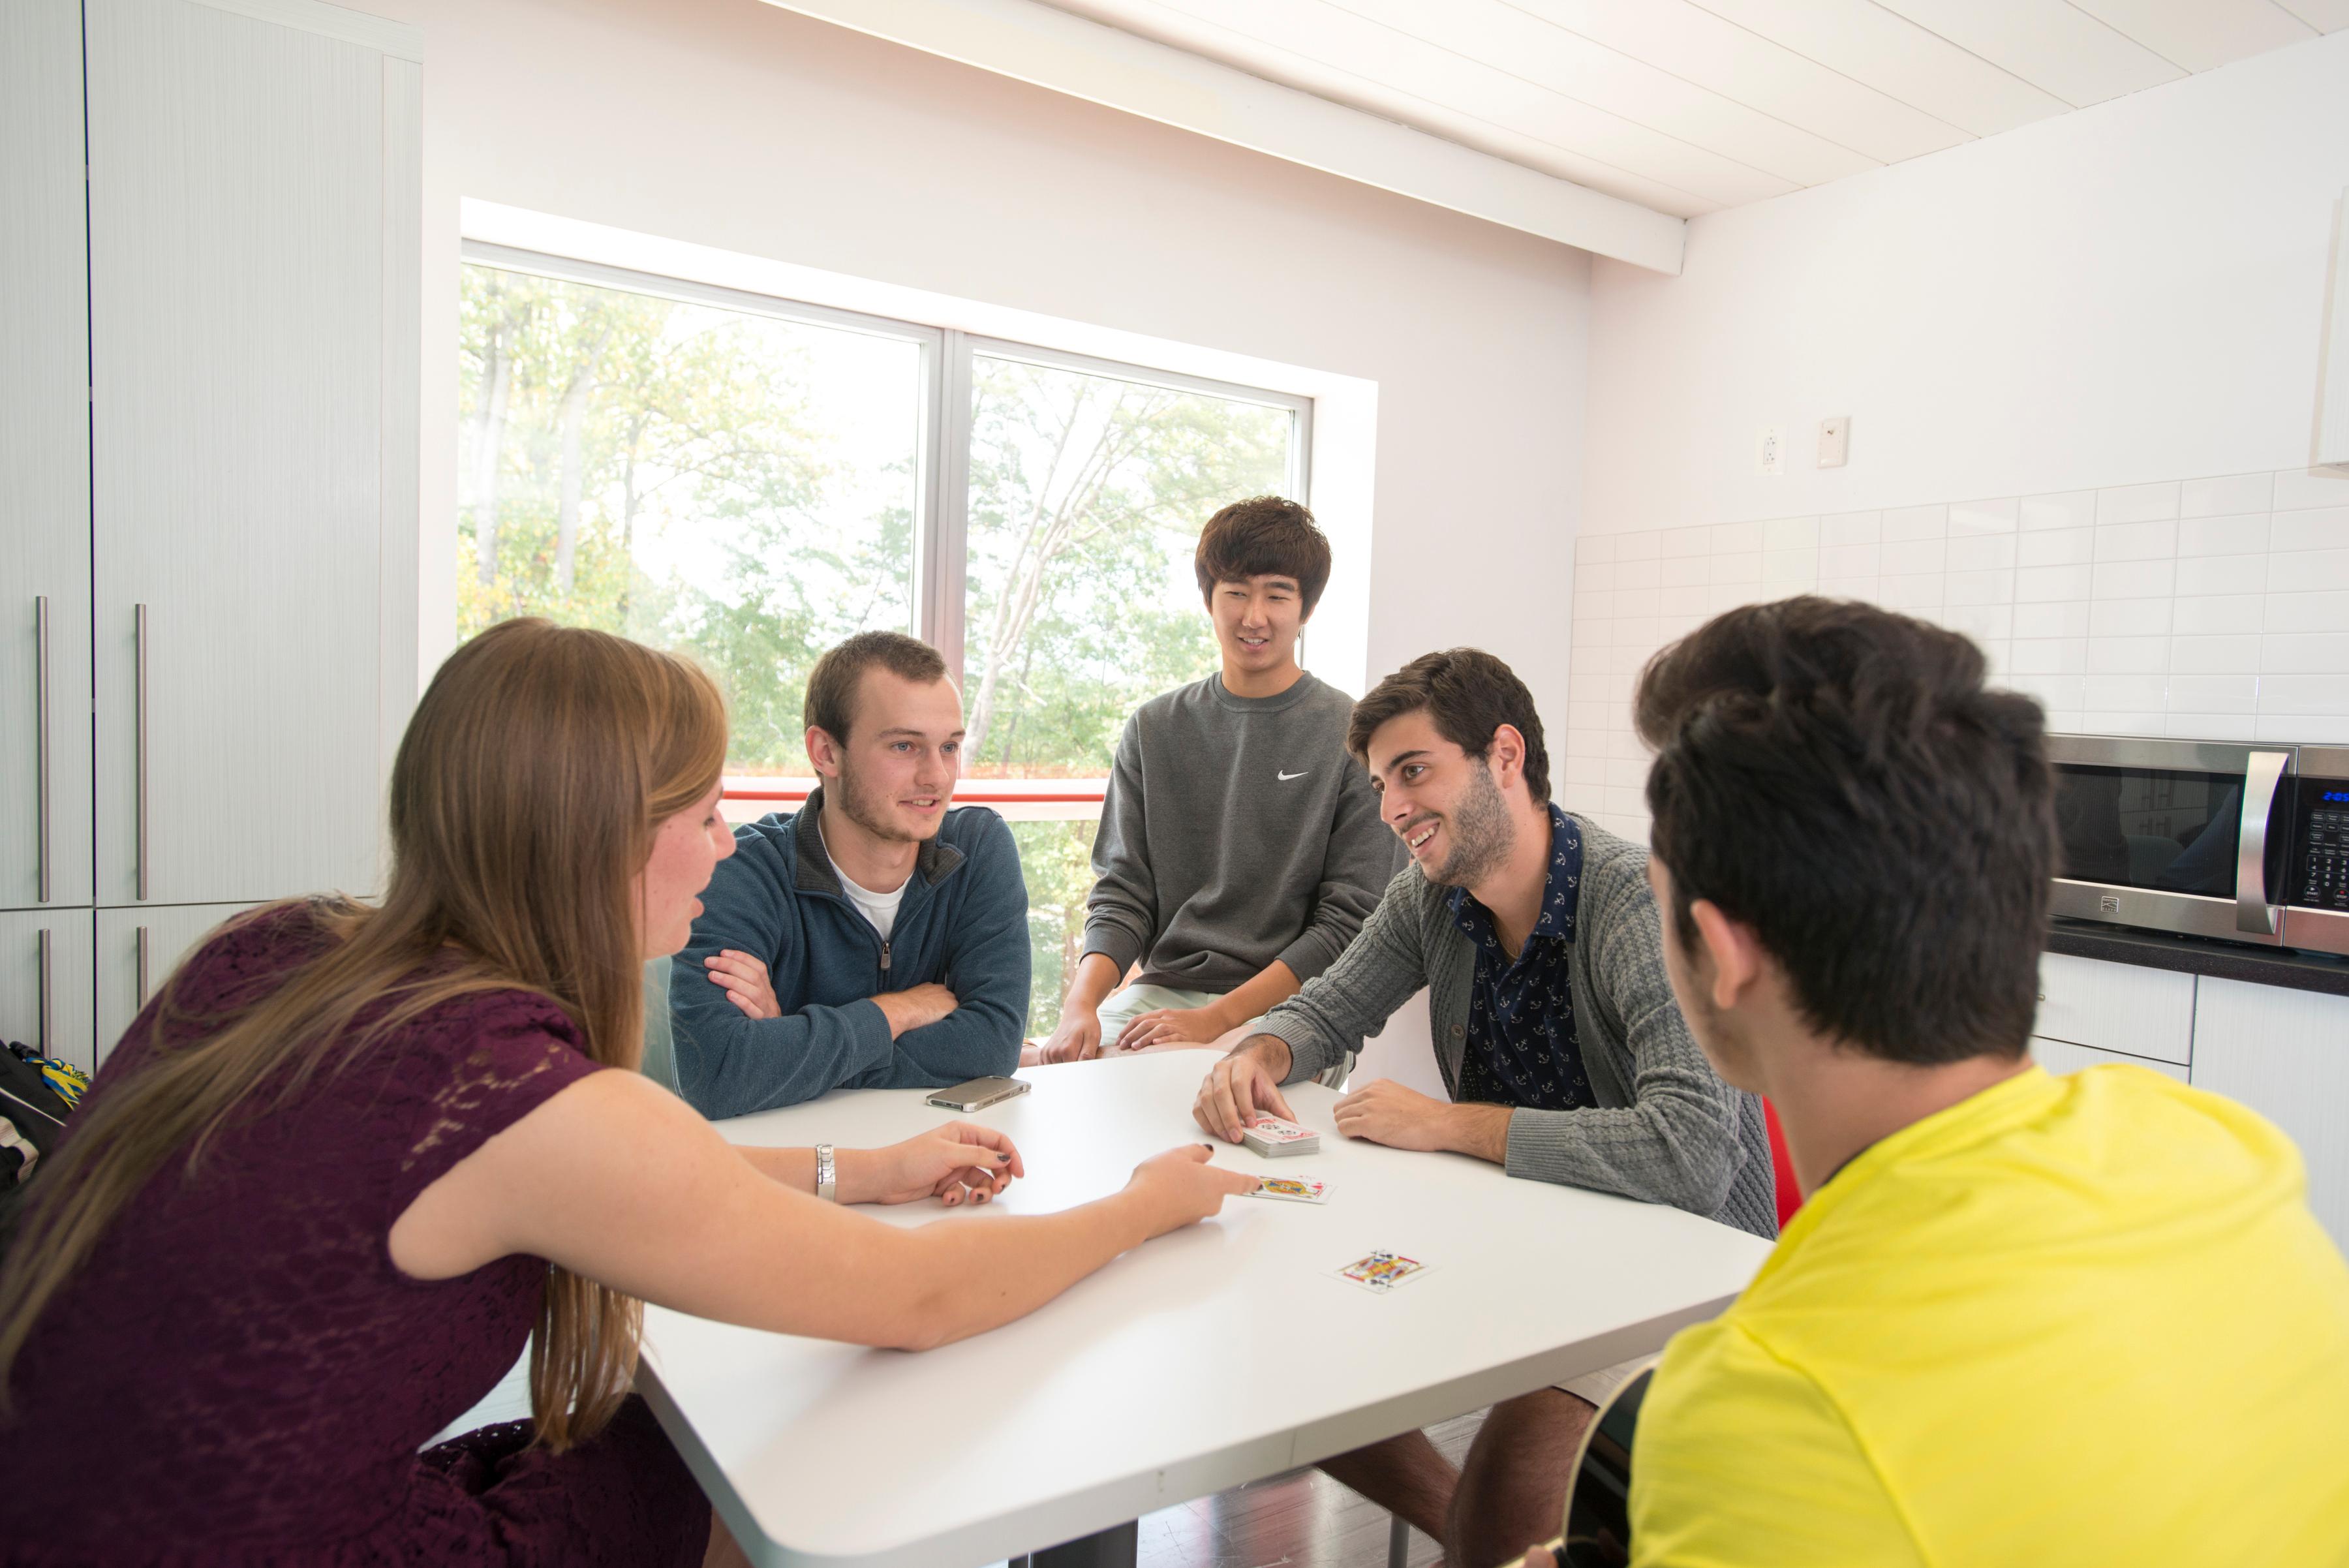 Mason students accommodation